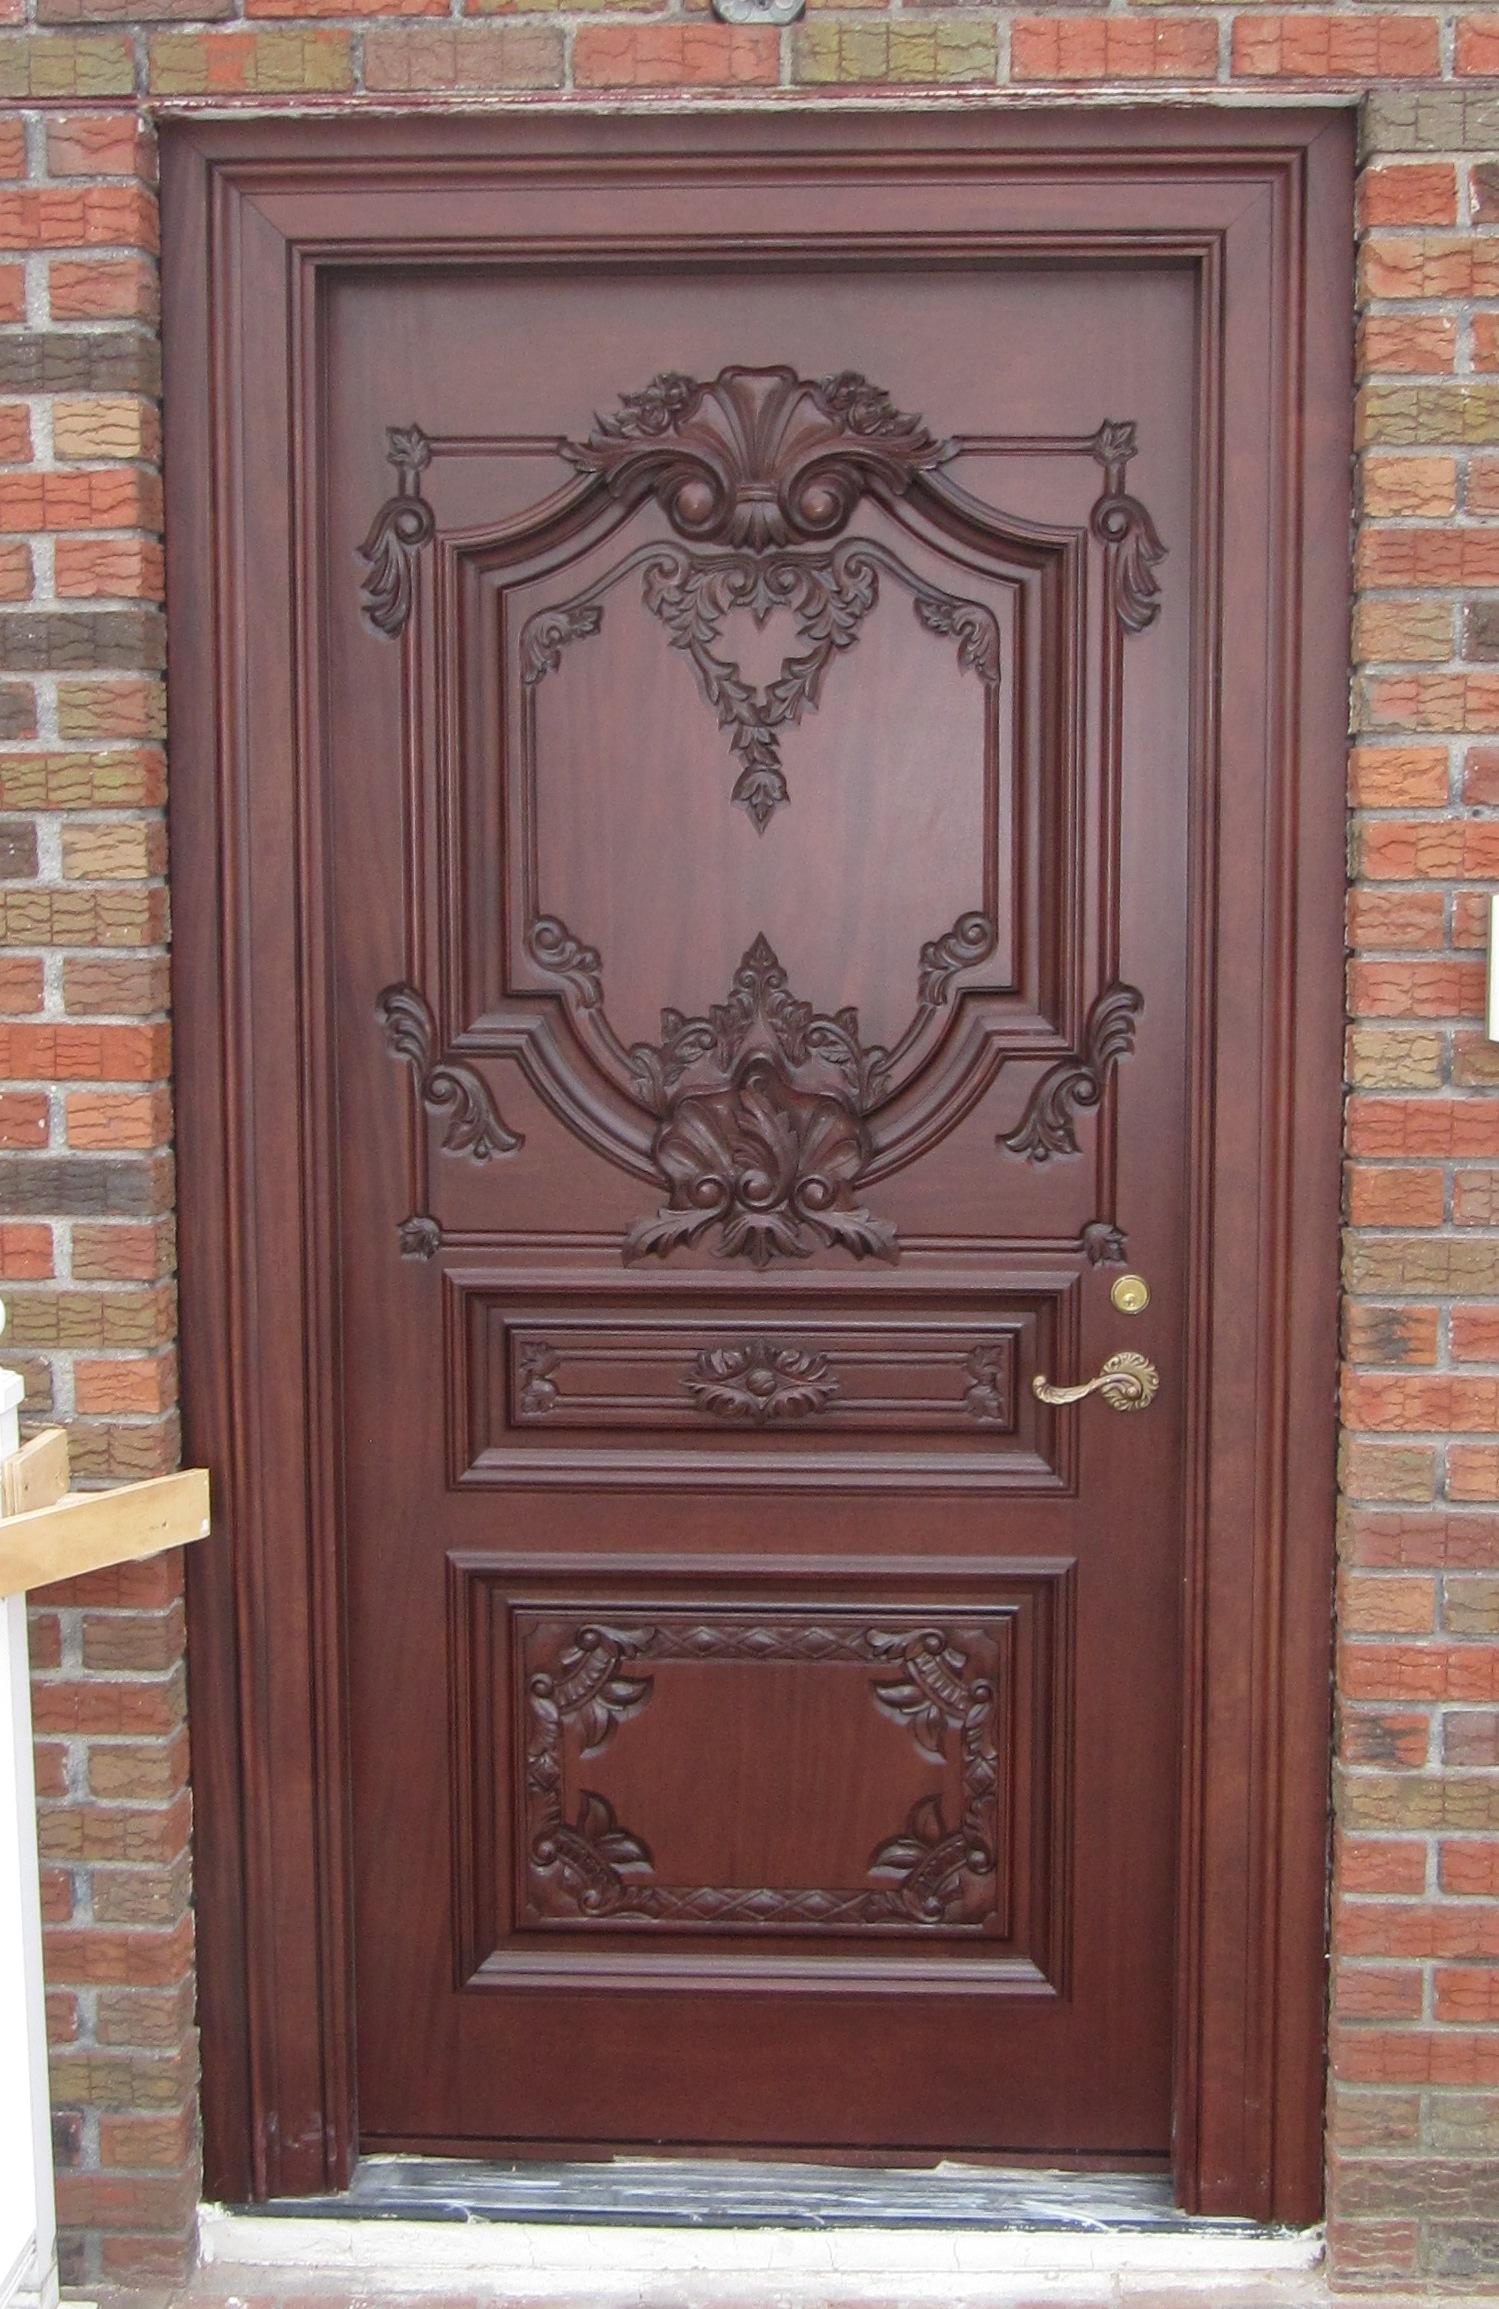 2309 #876A44 Woodside Craft Works Teak Wood Doors Wooden Doors MDF Grills  wallpaper Main Entry Doors 40051499